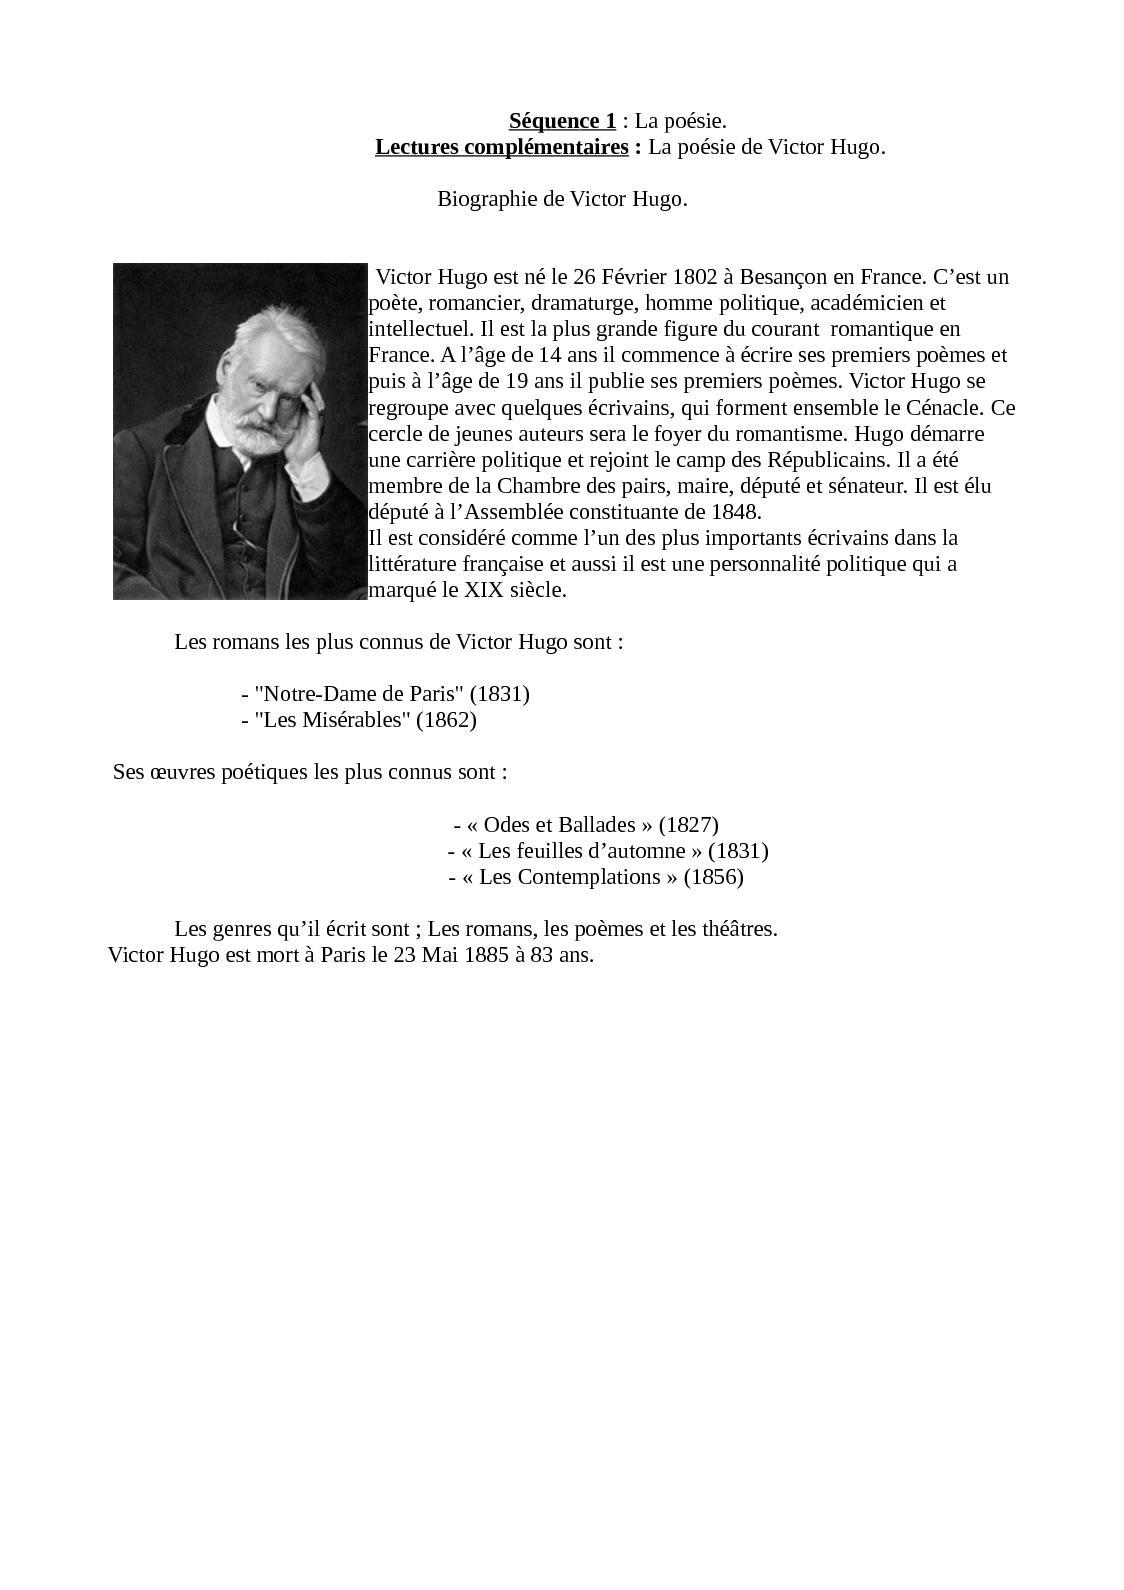 Calaméo Courte Biographie De Victor Hugo